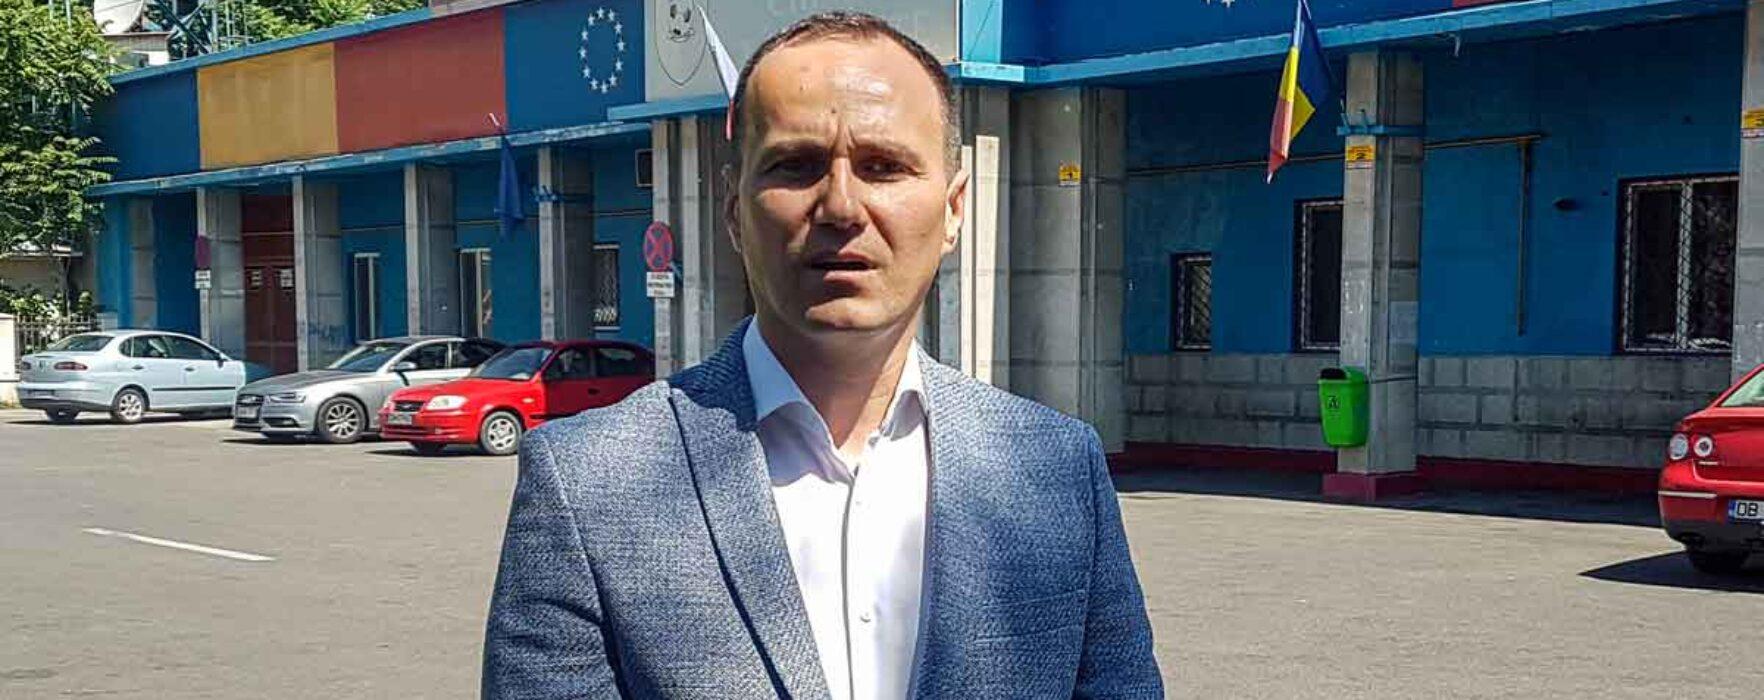 Târgovişte: PNL promite stadion în campanie, în şedinţe votează împotrivă şi susţine că trebuie renovat cel existent (stenograme)